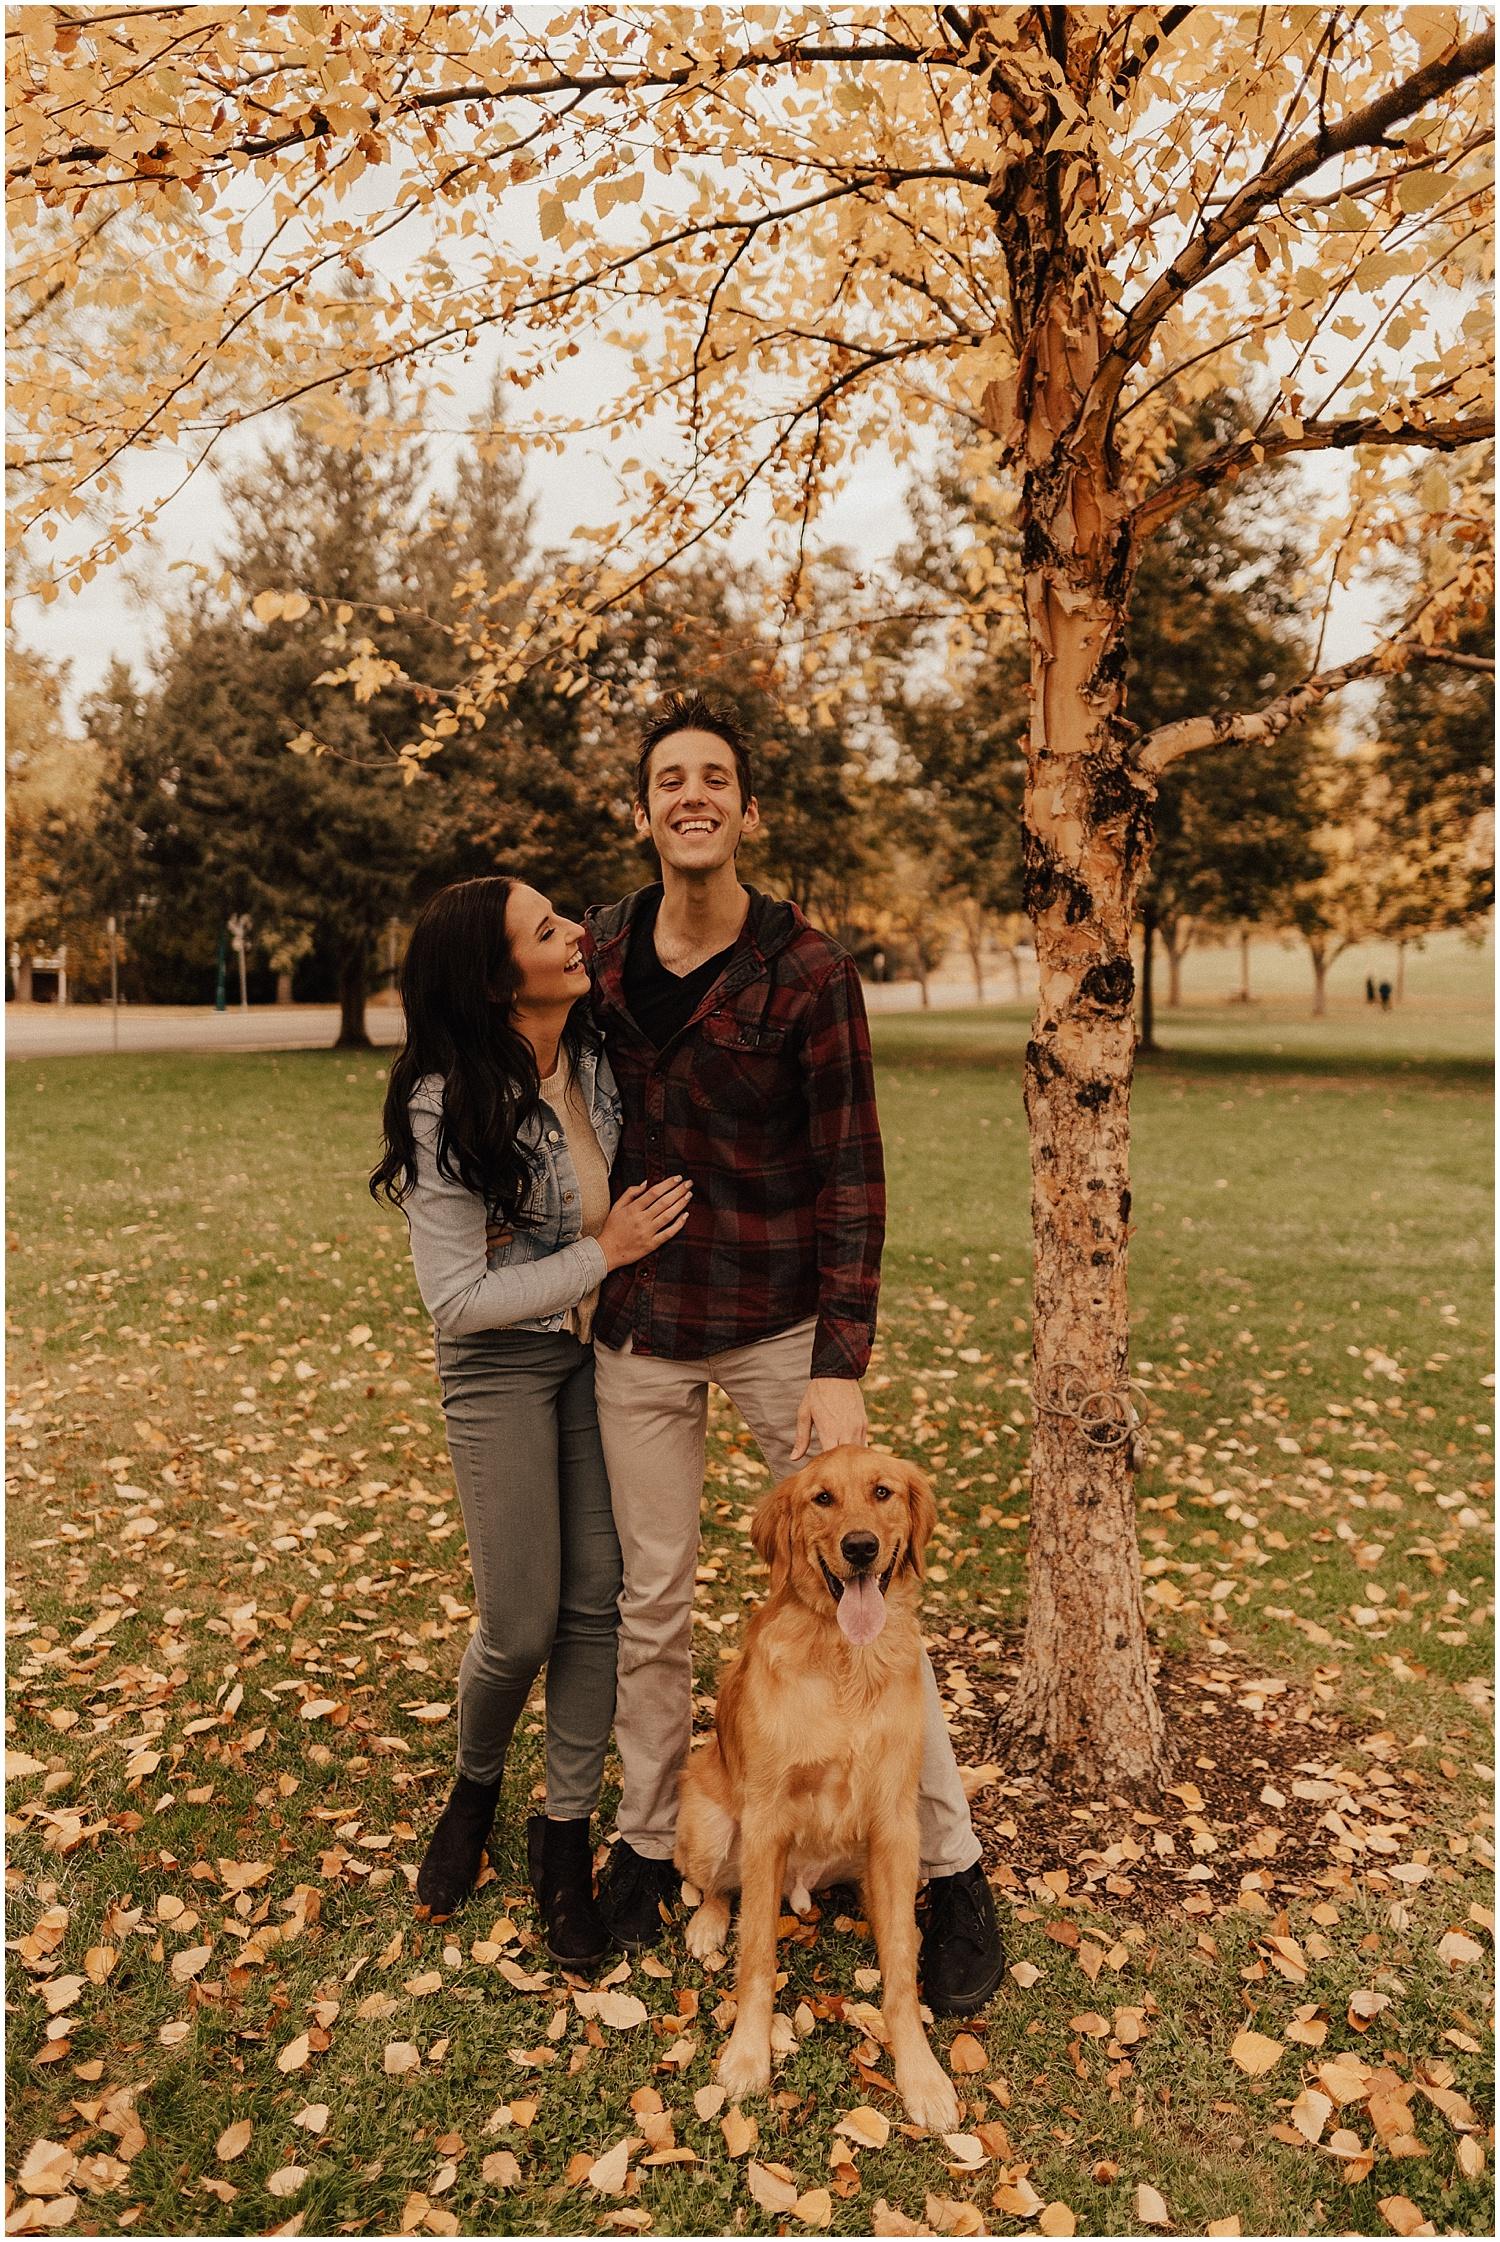 idaho-fall-winter-engagement-golden-retreiver7.jpg